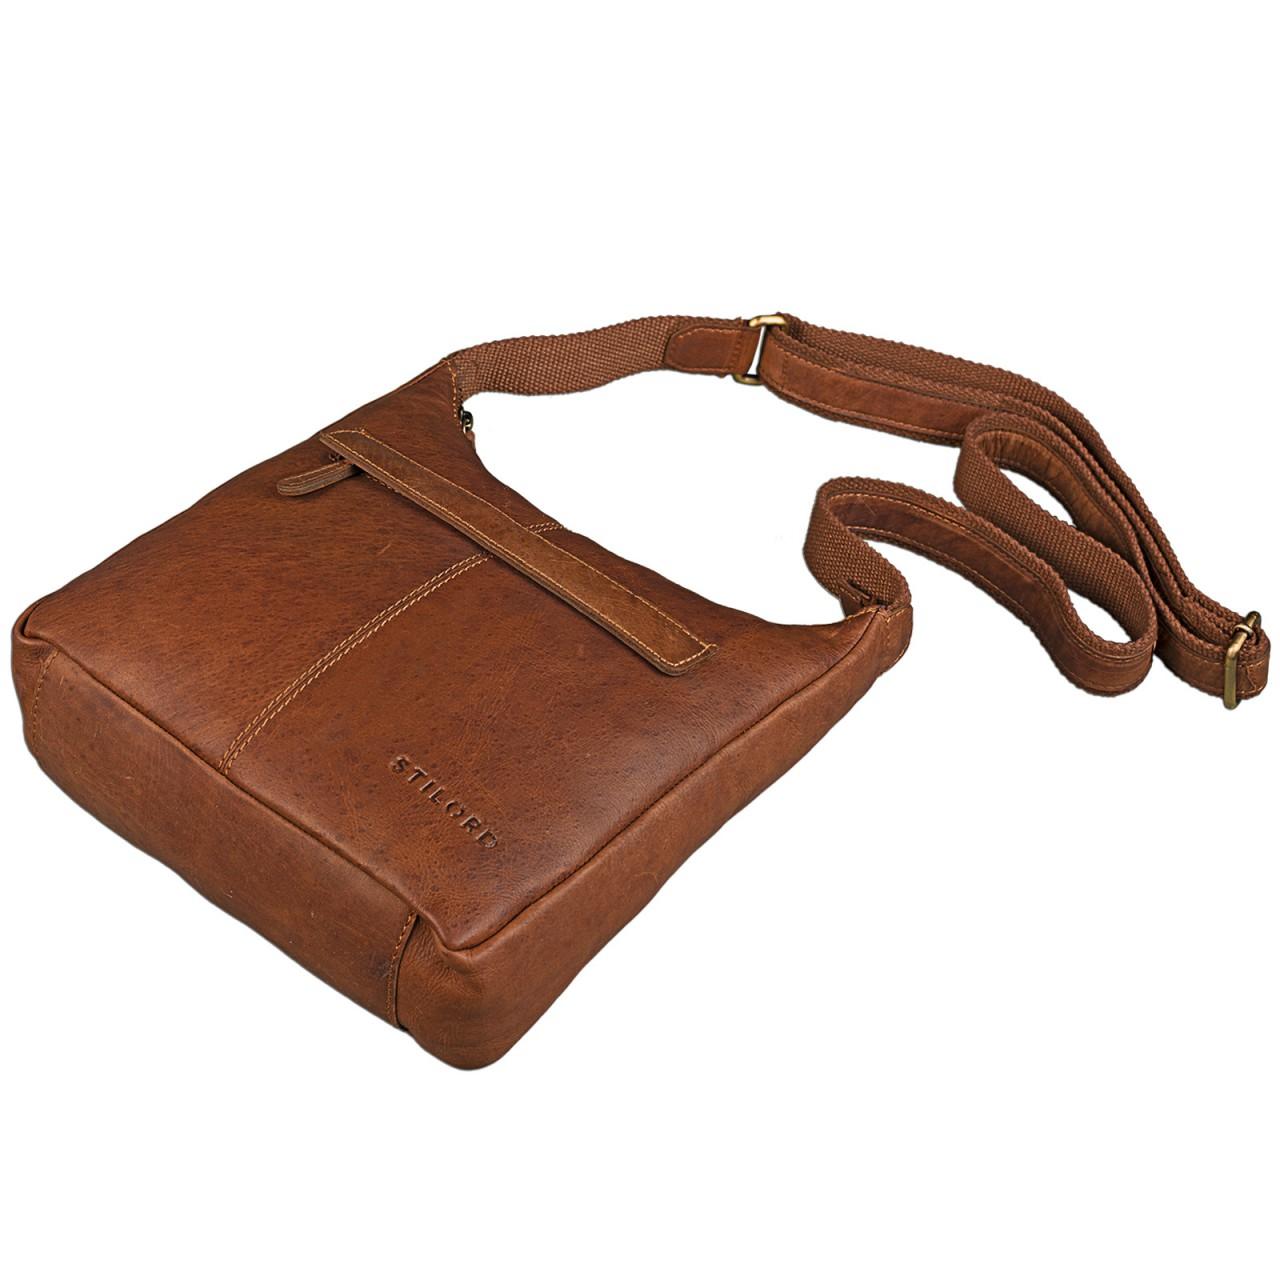 STILORD kleine Lederhandtasche Umhängetasche Vintage Handtasche mit verstellbarem Schulterriemen aus weichem Antik Leder Damen - Bild 22